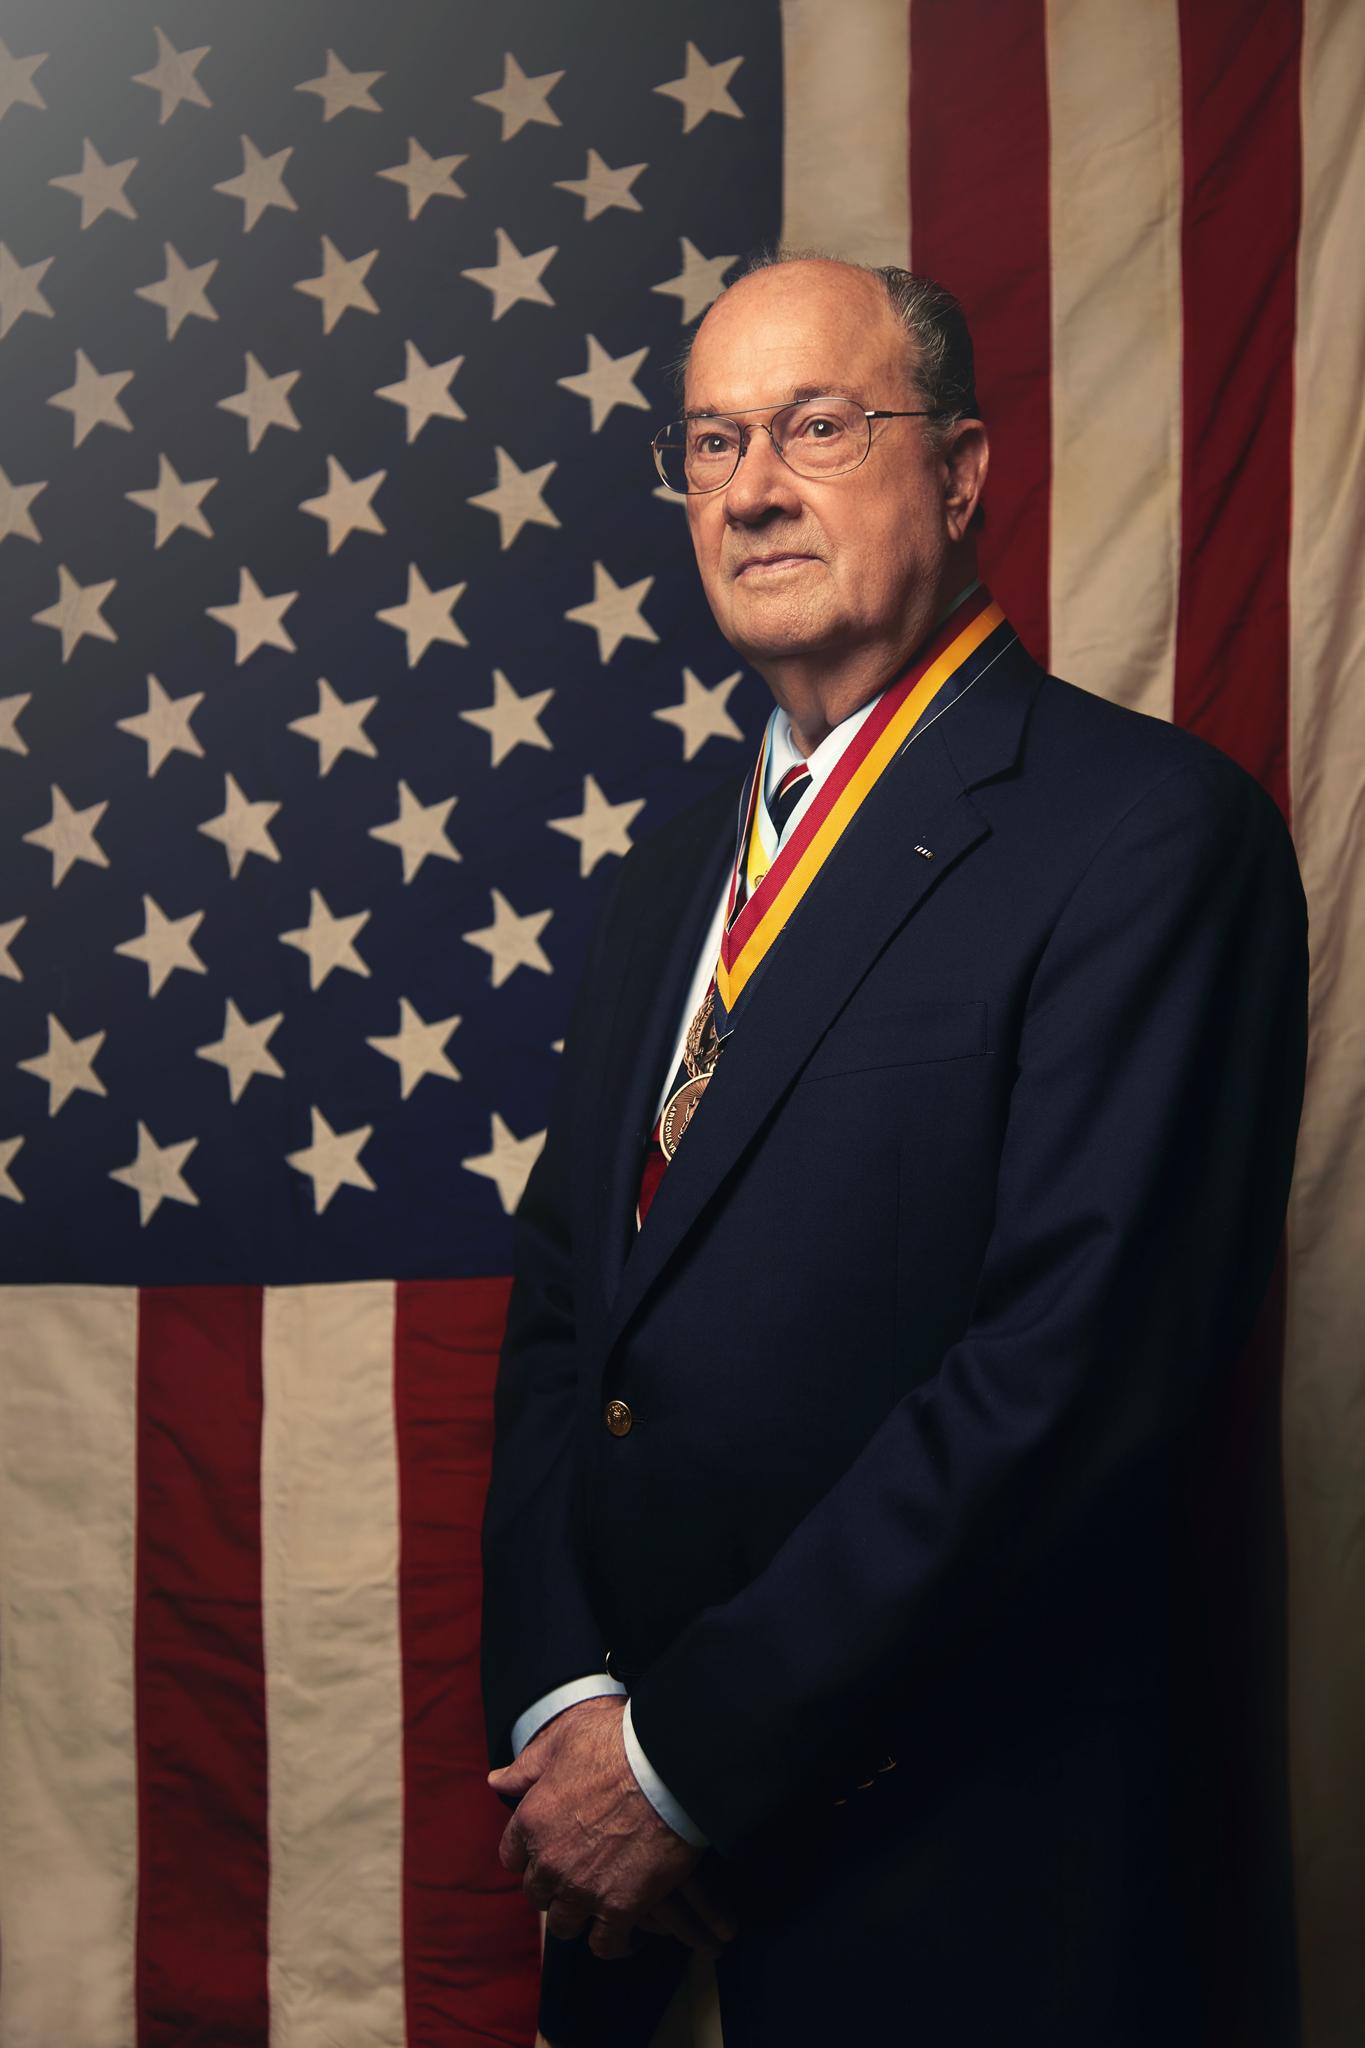 Army Special Forces Veteran Jim Morris